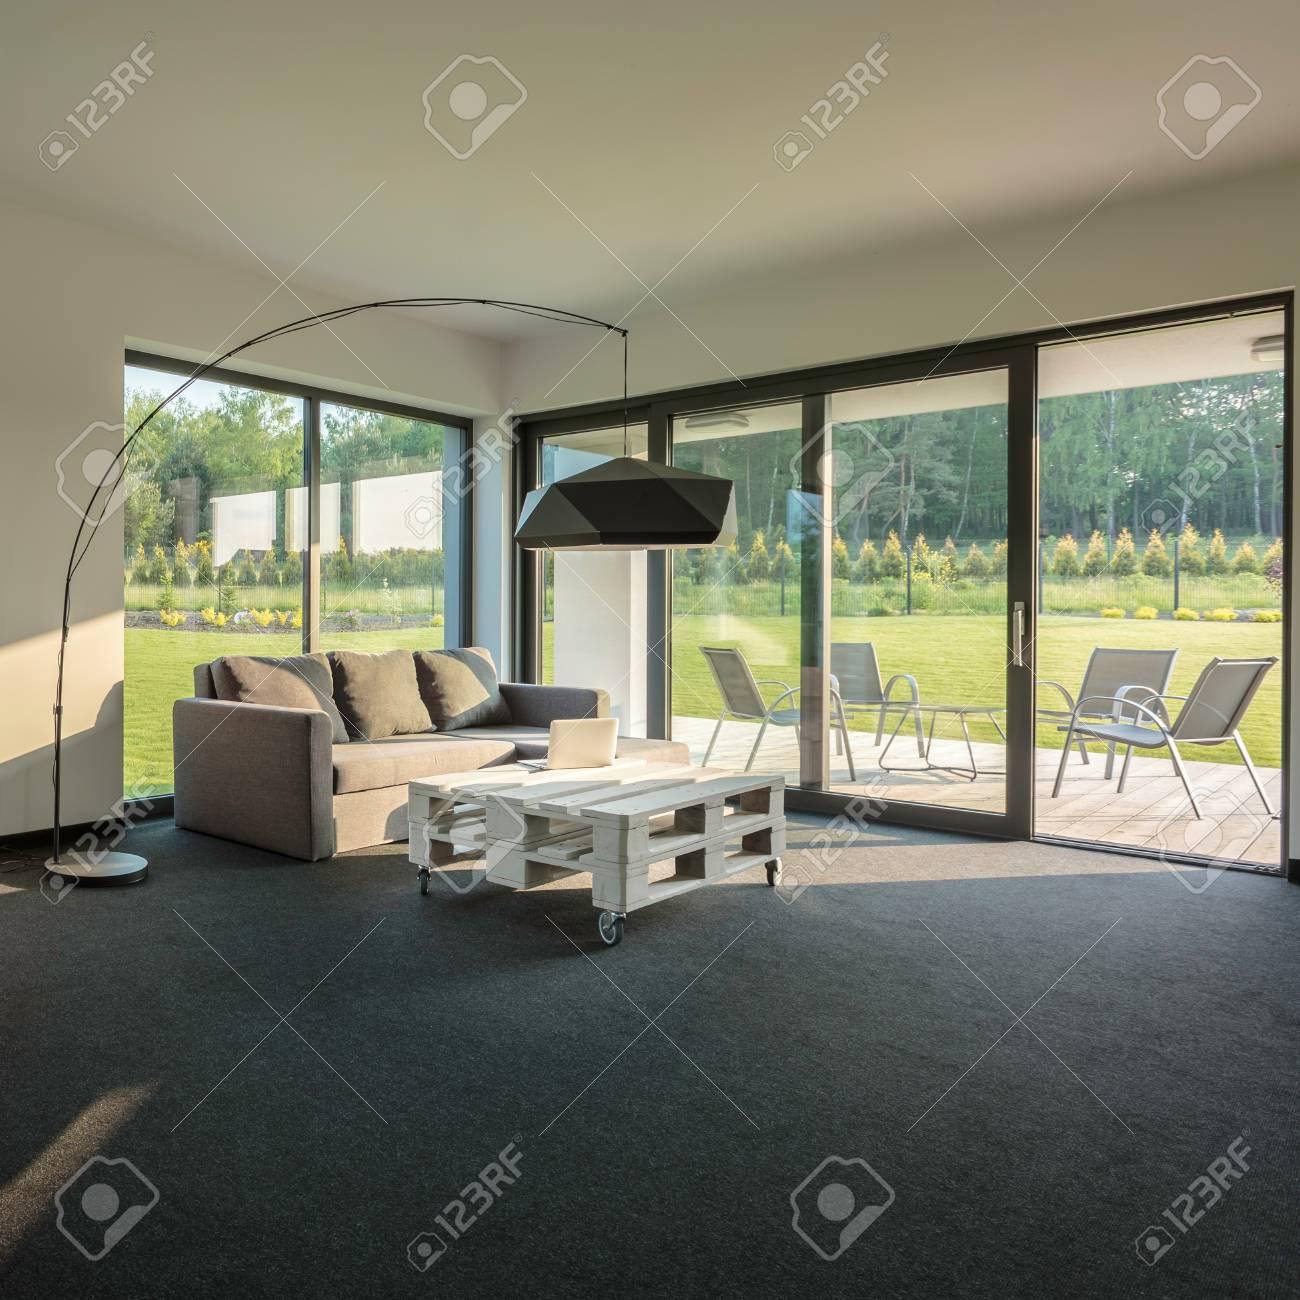 Einfache, Moderne Und Geräumige Wohnzimmer Inter Mit Großen Fenstern ...